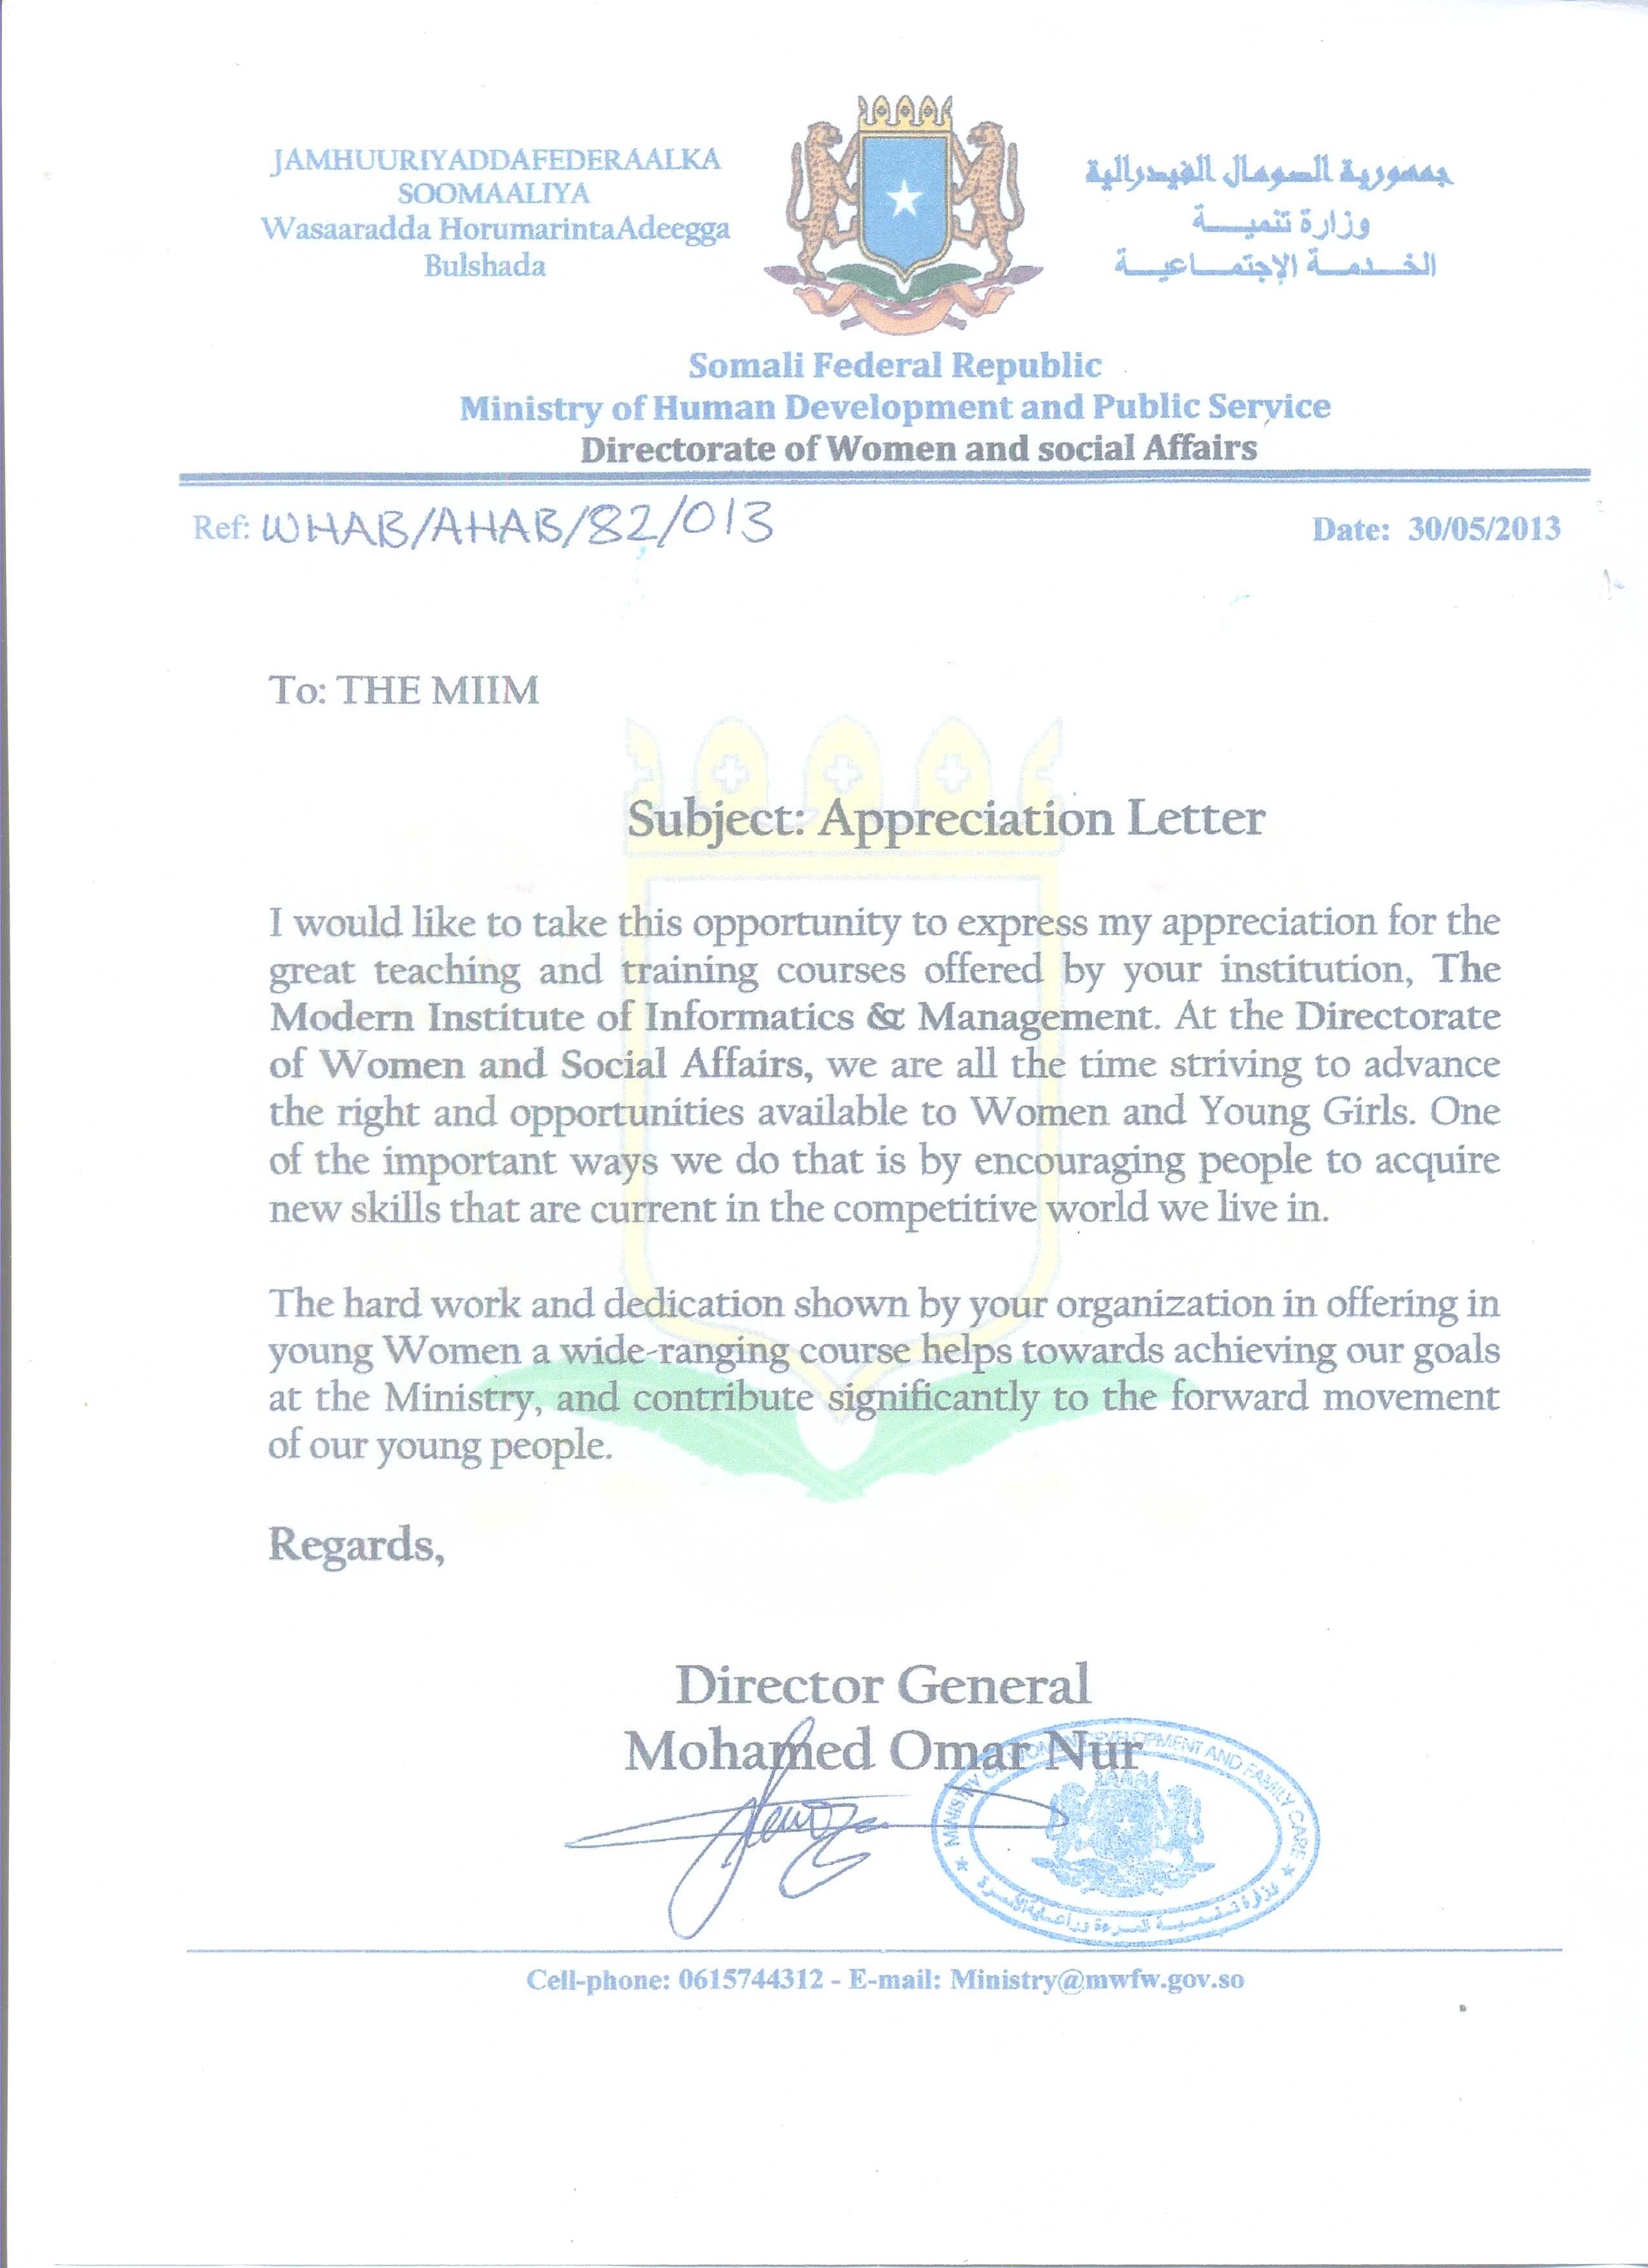 thanking letter for offer letter